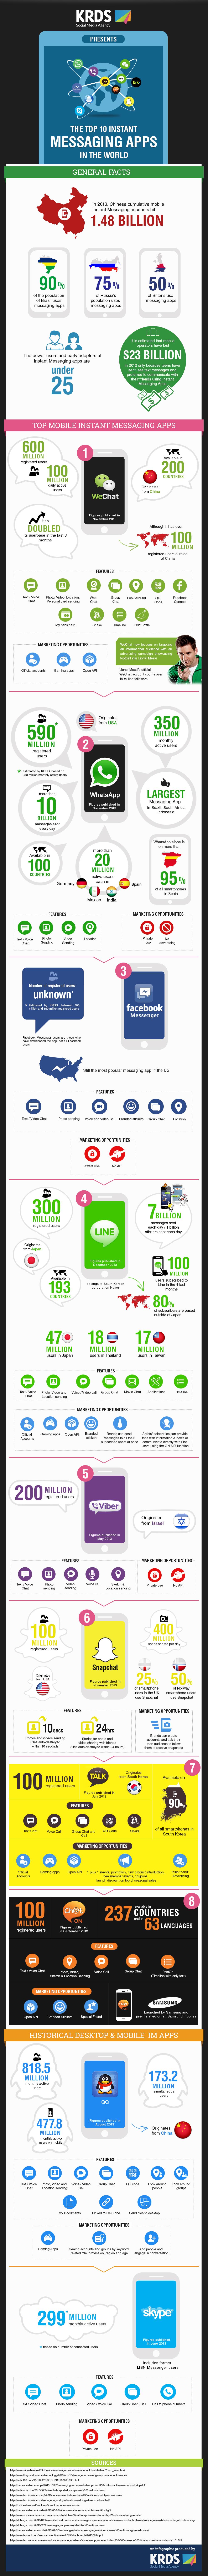 infografica social network mondo